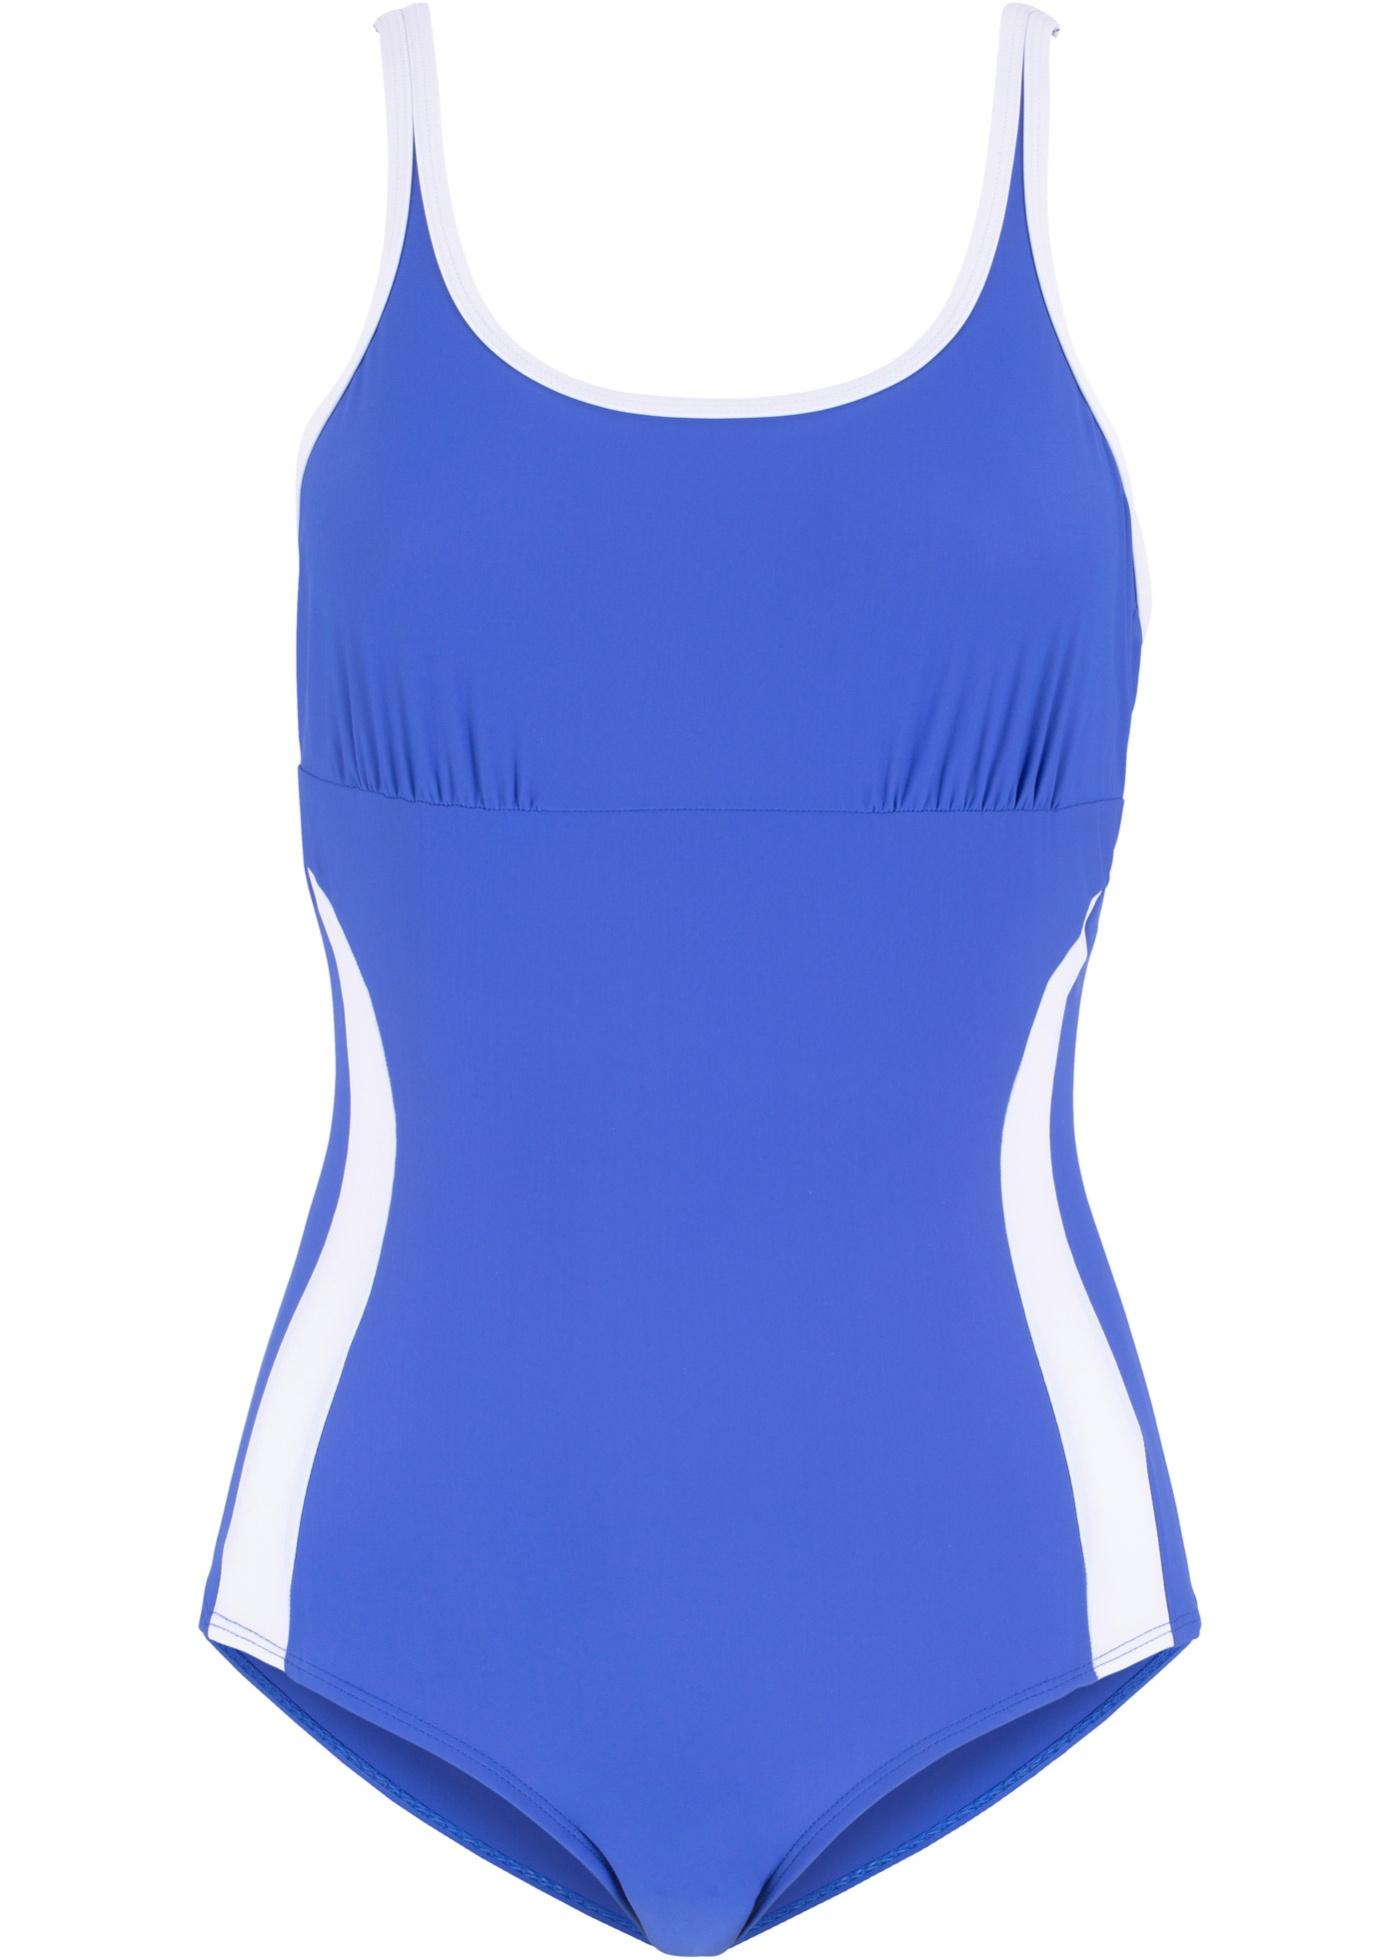 Bpc Niveau Bleu Pour CollectionMaillot Bonprix 1 Femme Pièce Sculptant Flc1J35uTK